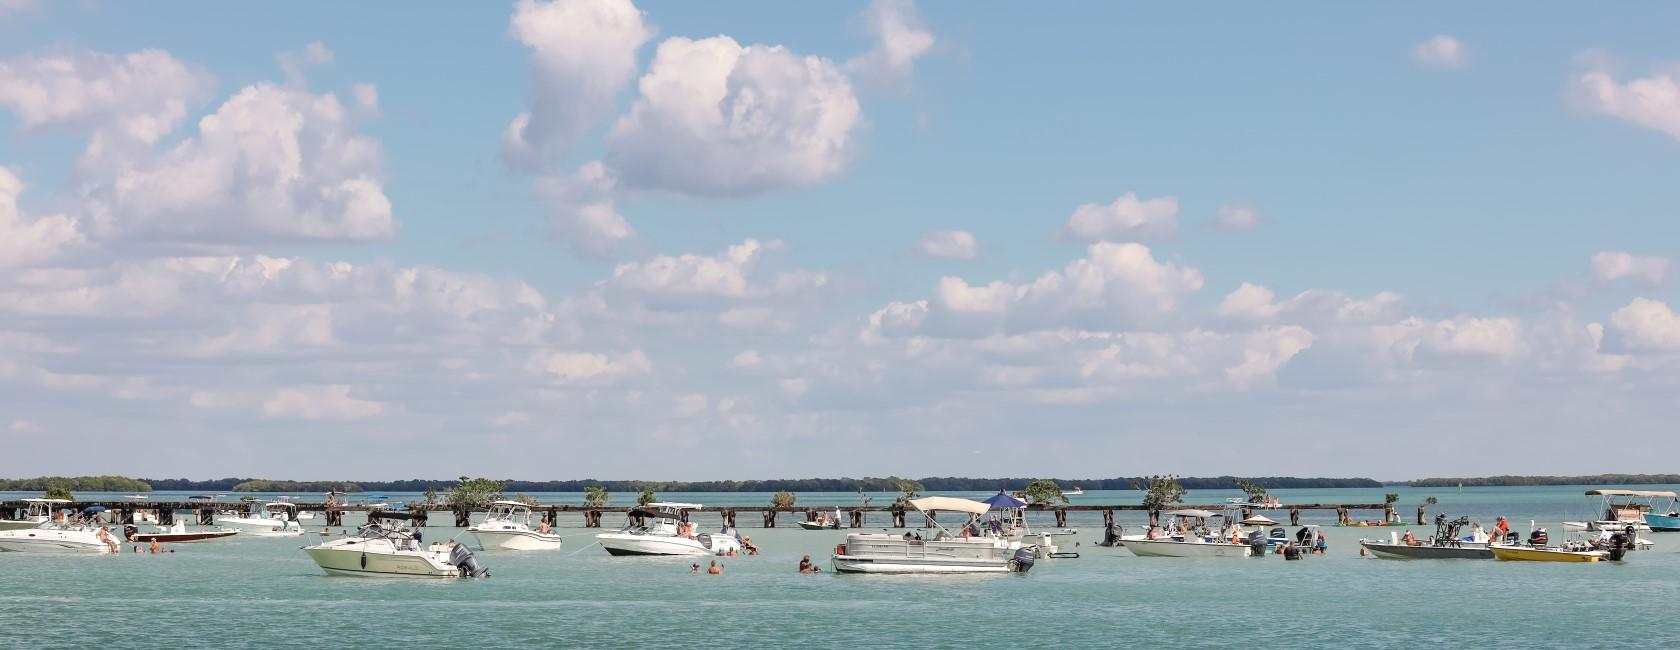 many boats - Boca Grande